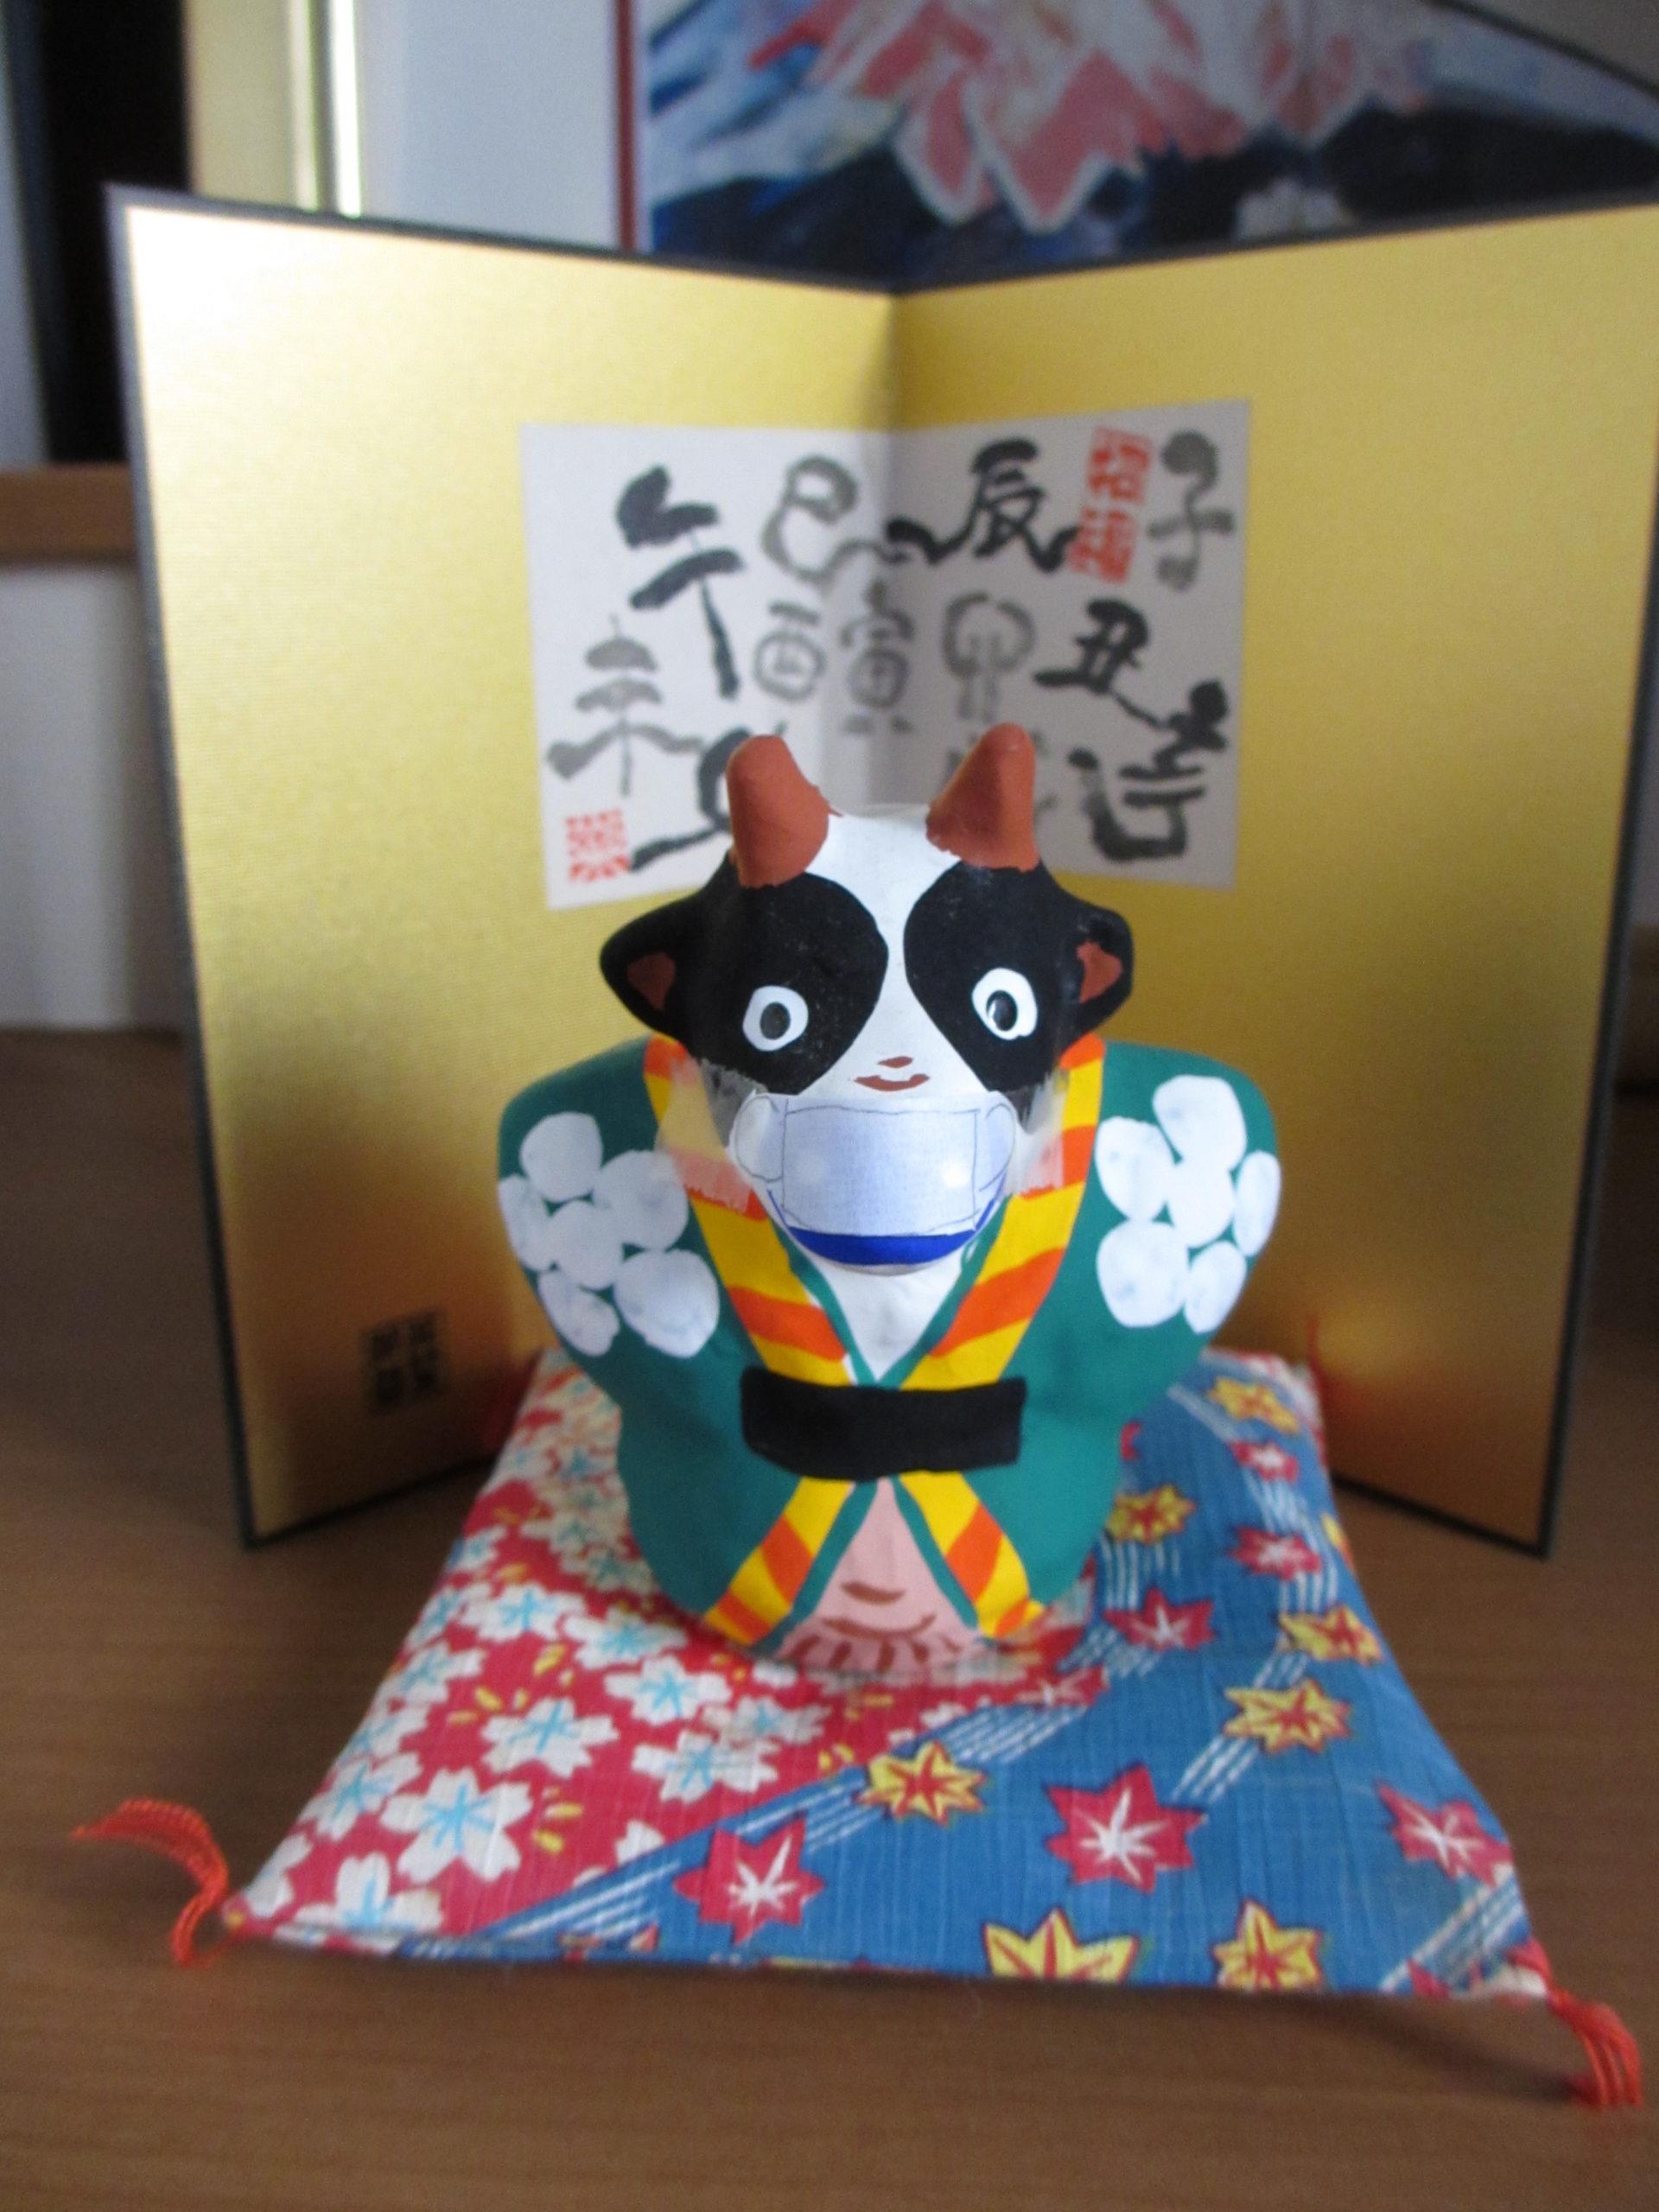 1月7日の緊急事態宣言に対する当日本舞踊教室の対応